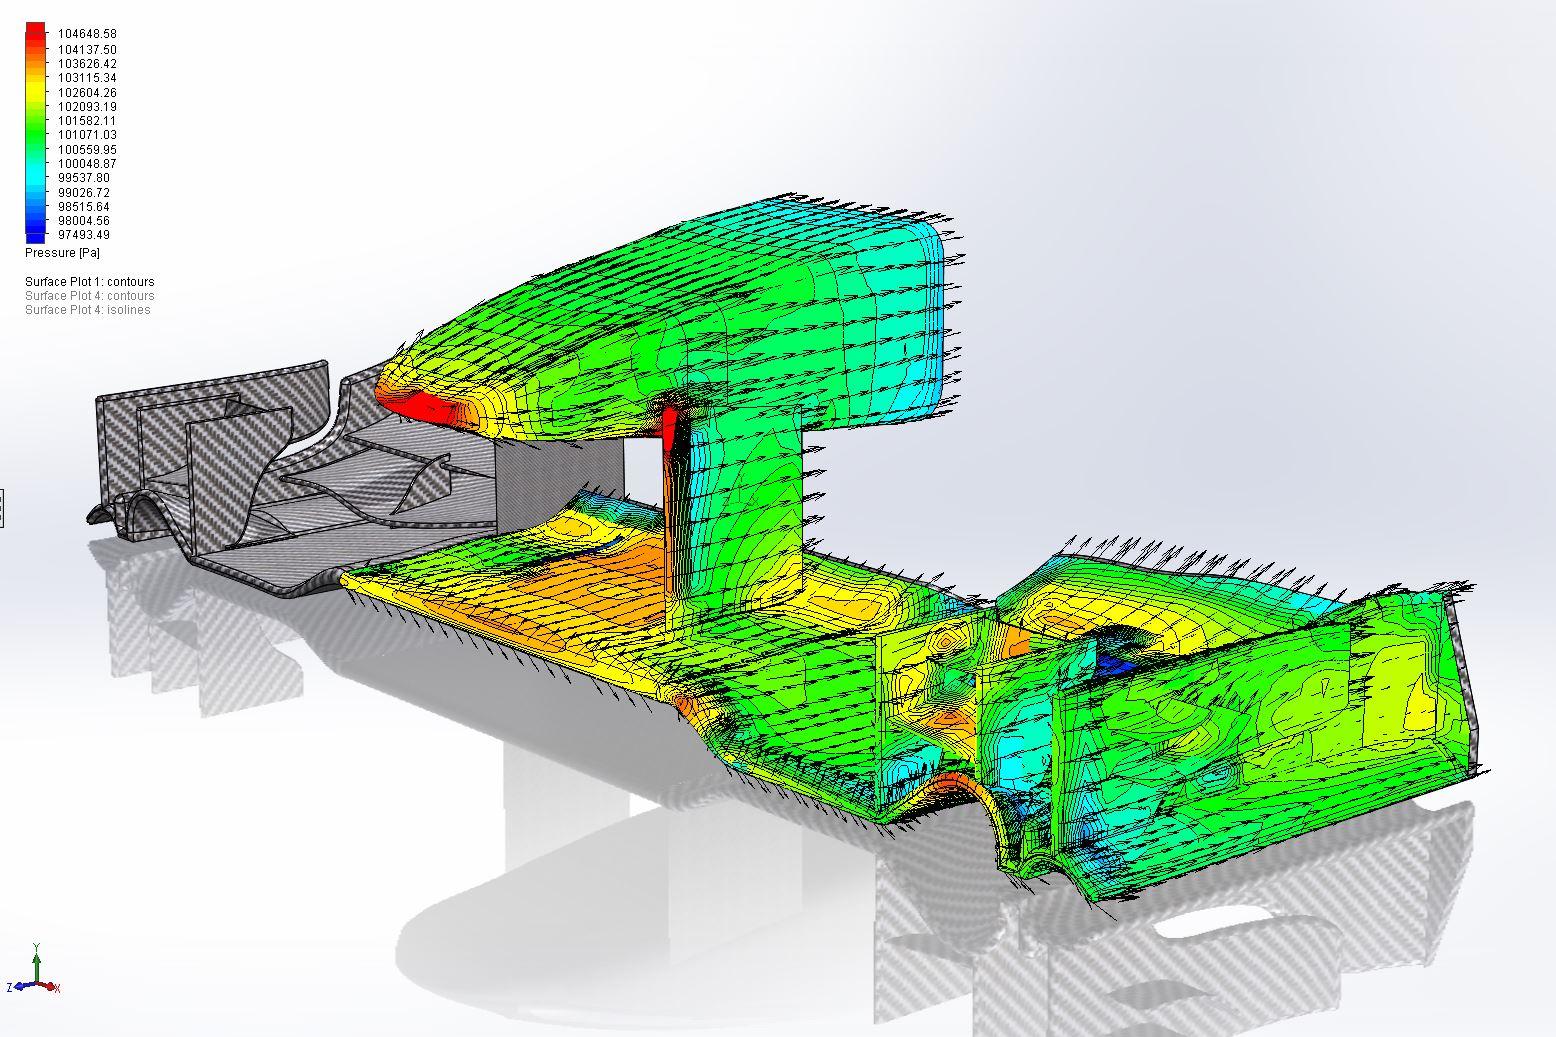 CFD SolidWorks Flowsimulering eksempel - luftstrøm og trykforhold omkring en Formel 1 frontvinge.